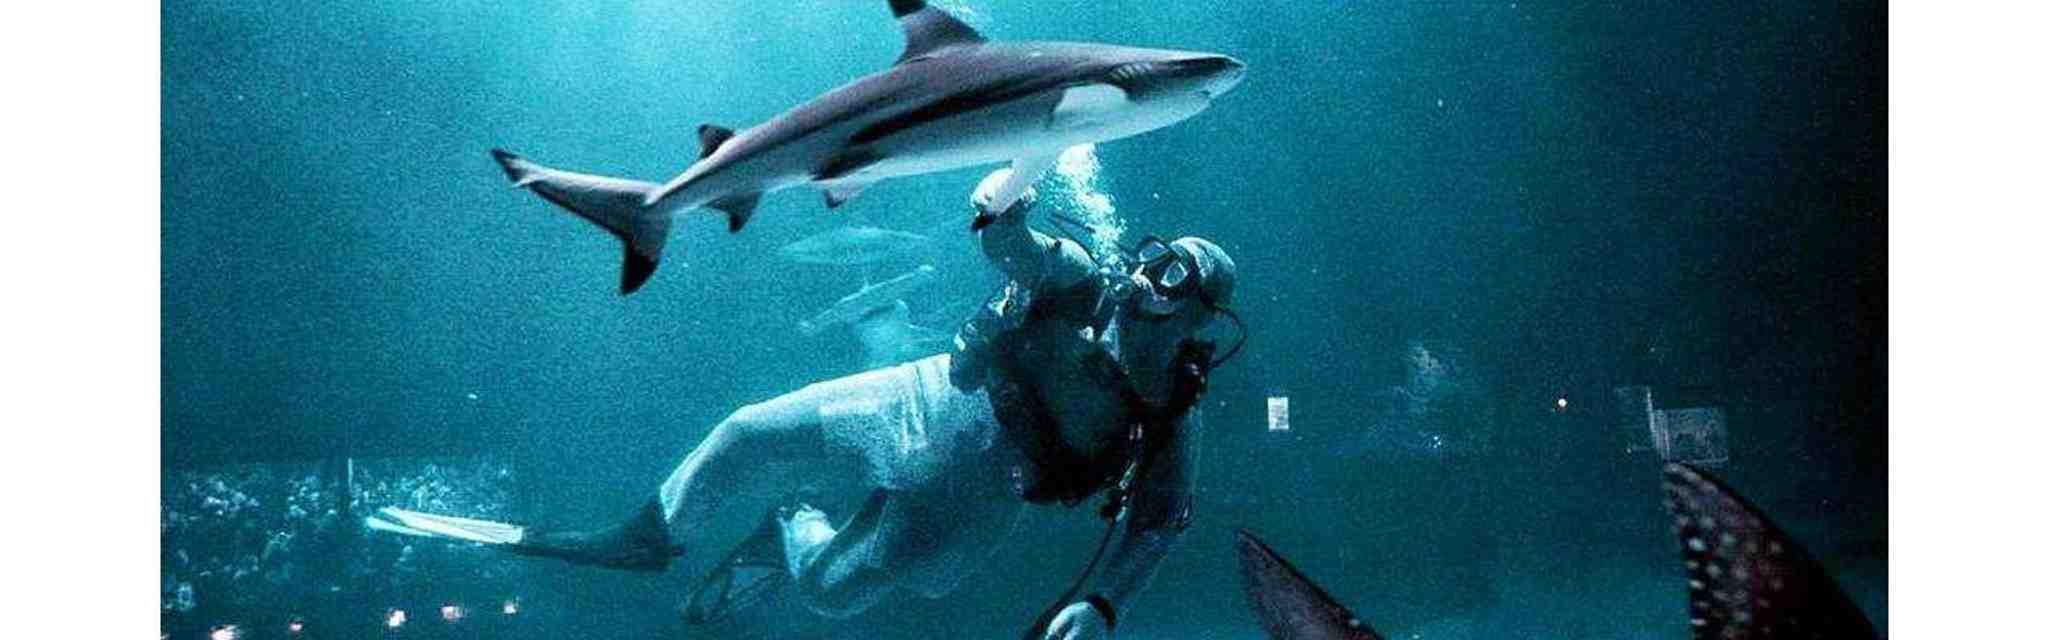 Tempat Wisata Di Jakarta Bawah Laut